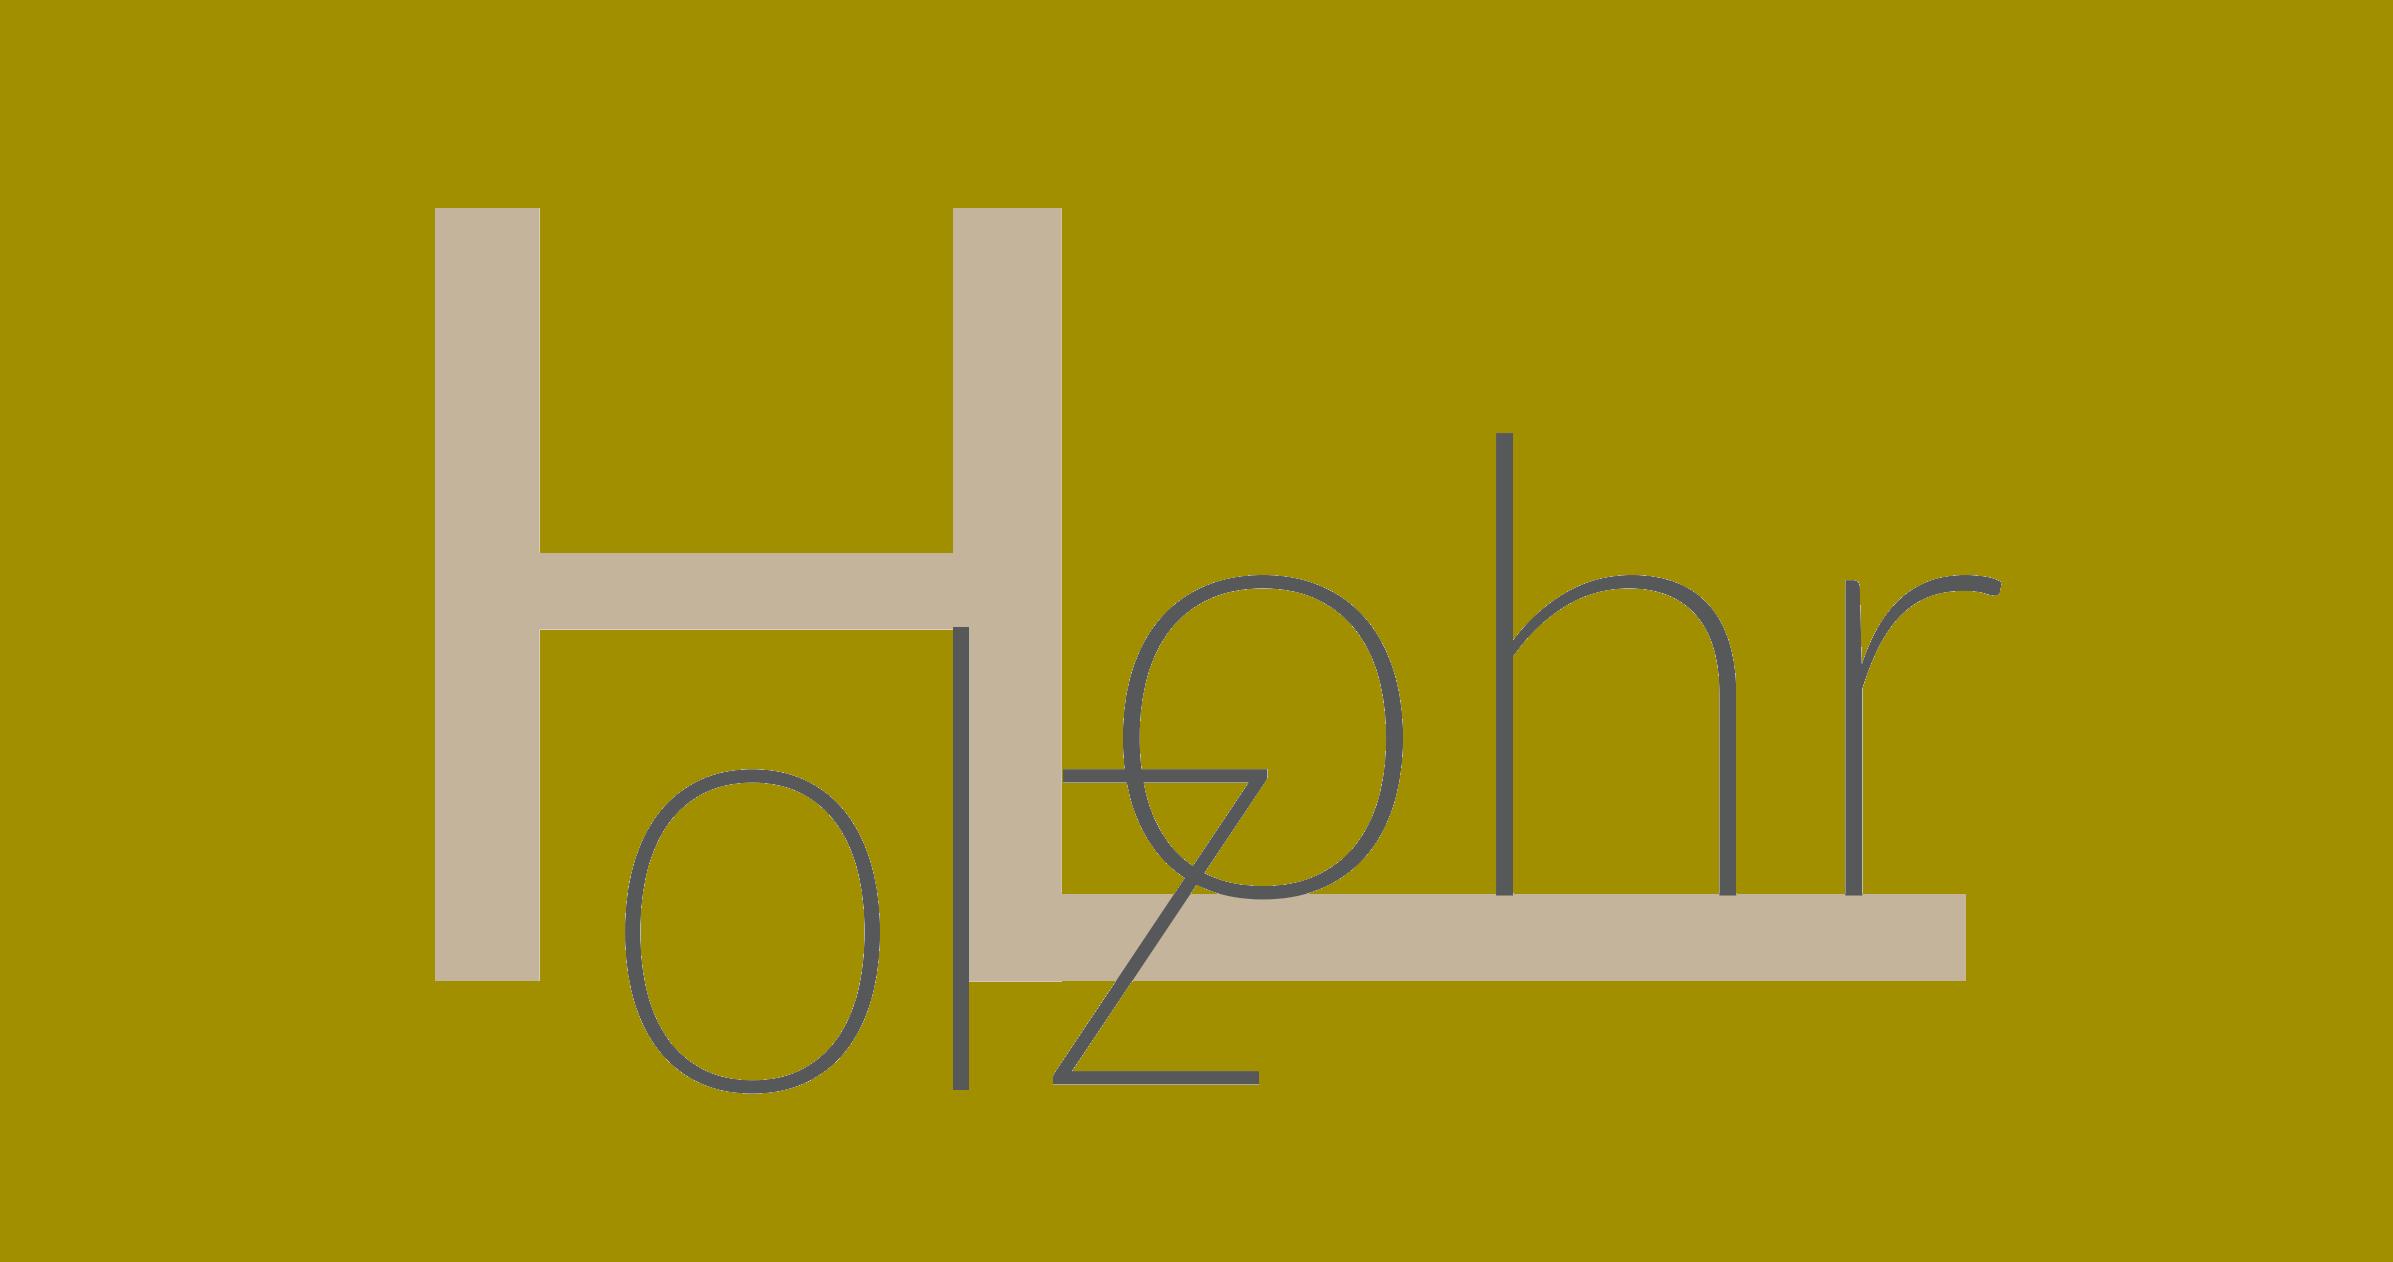 Holzlohr